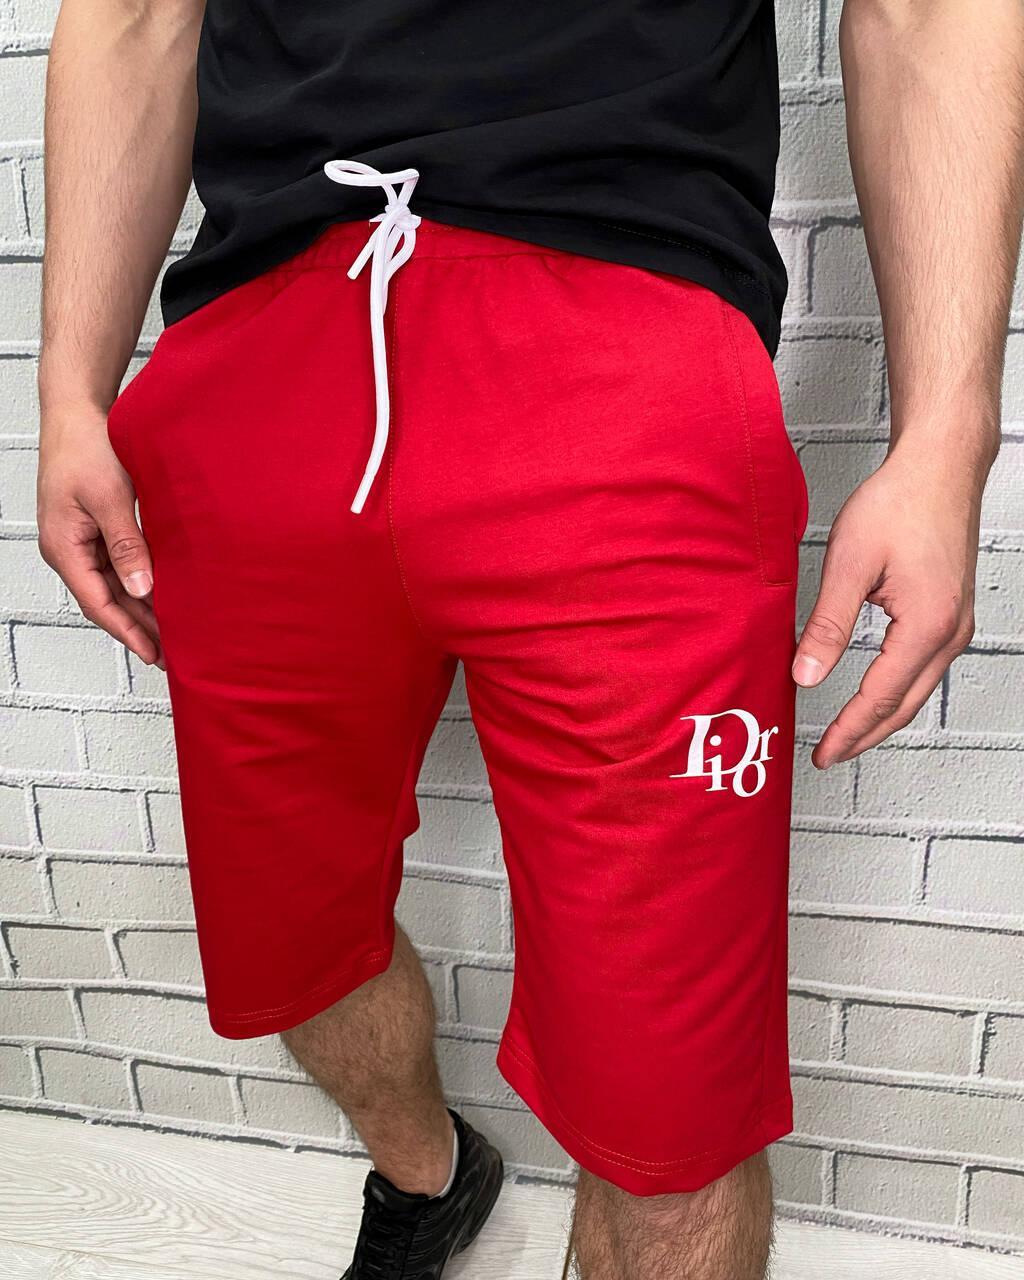 Шорты мужские трикотажные Красного цвета на шнуровке Брендовые